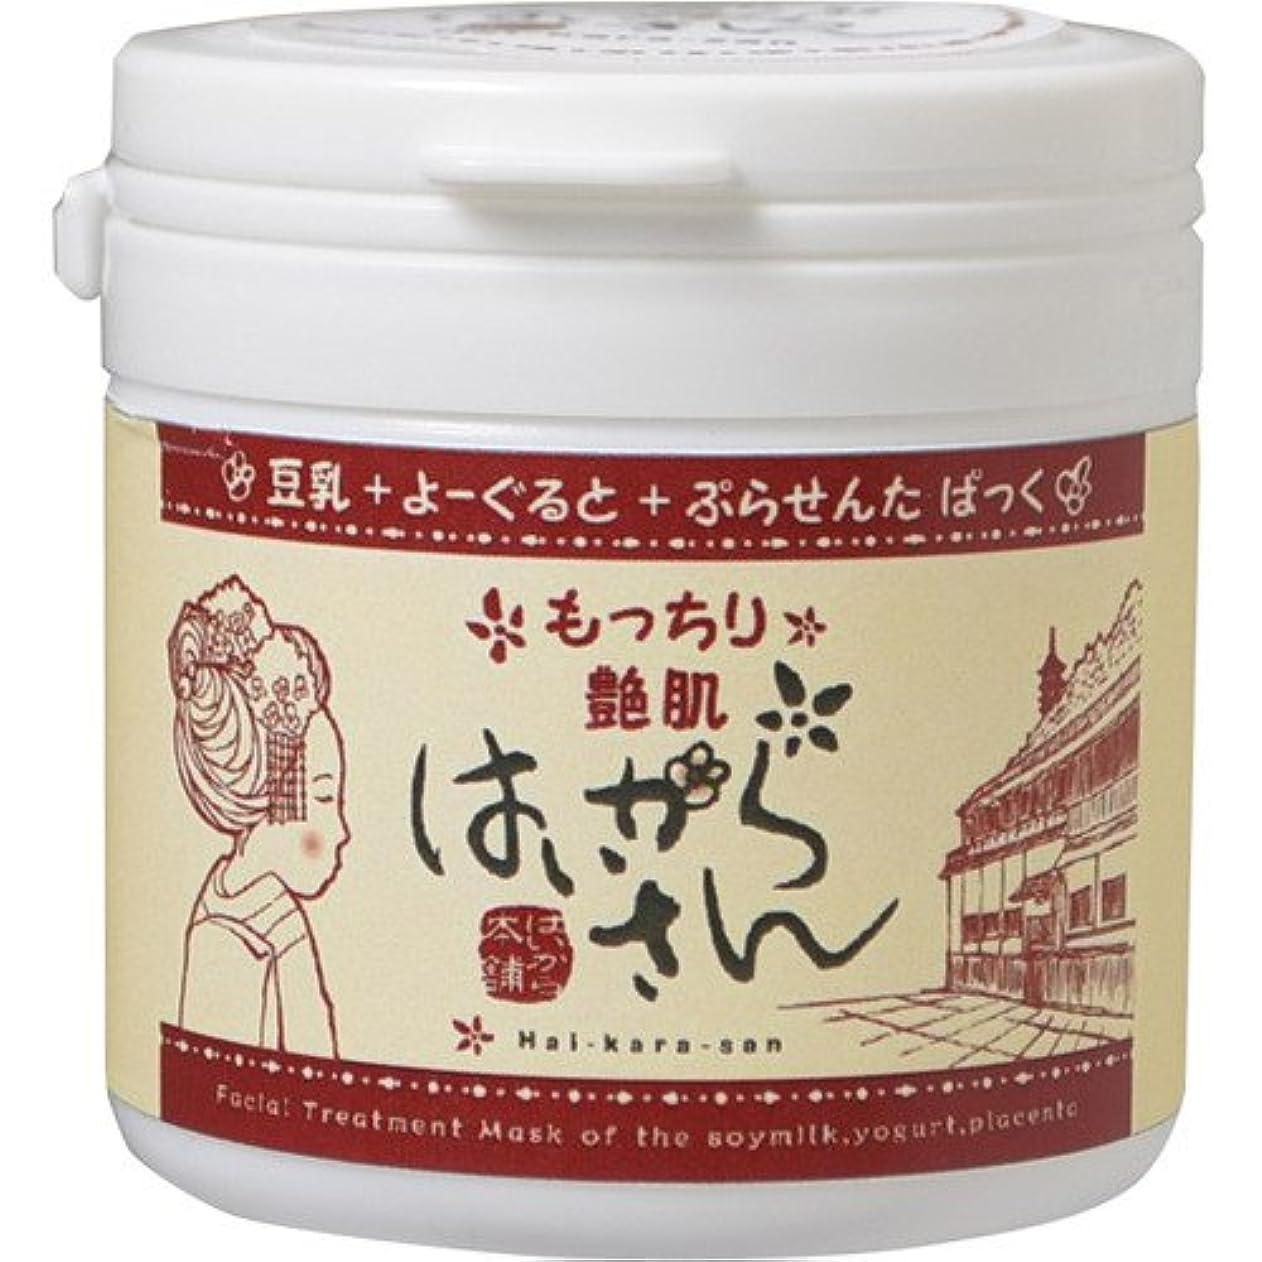 バスルーム貫通治世進製作所 豆乳よーぐるとぱっく はいからさん 150g